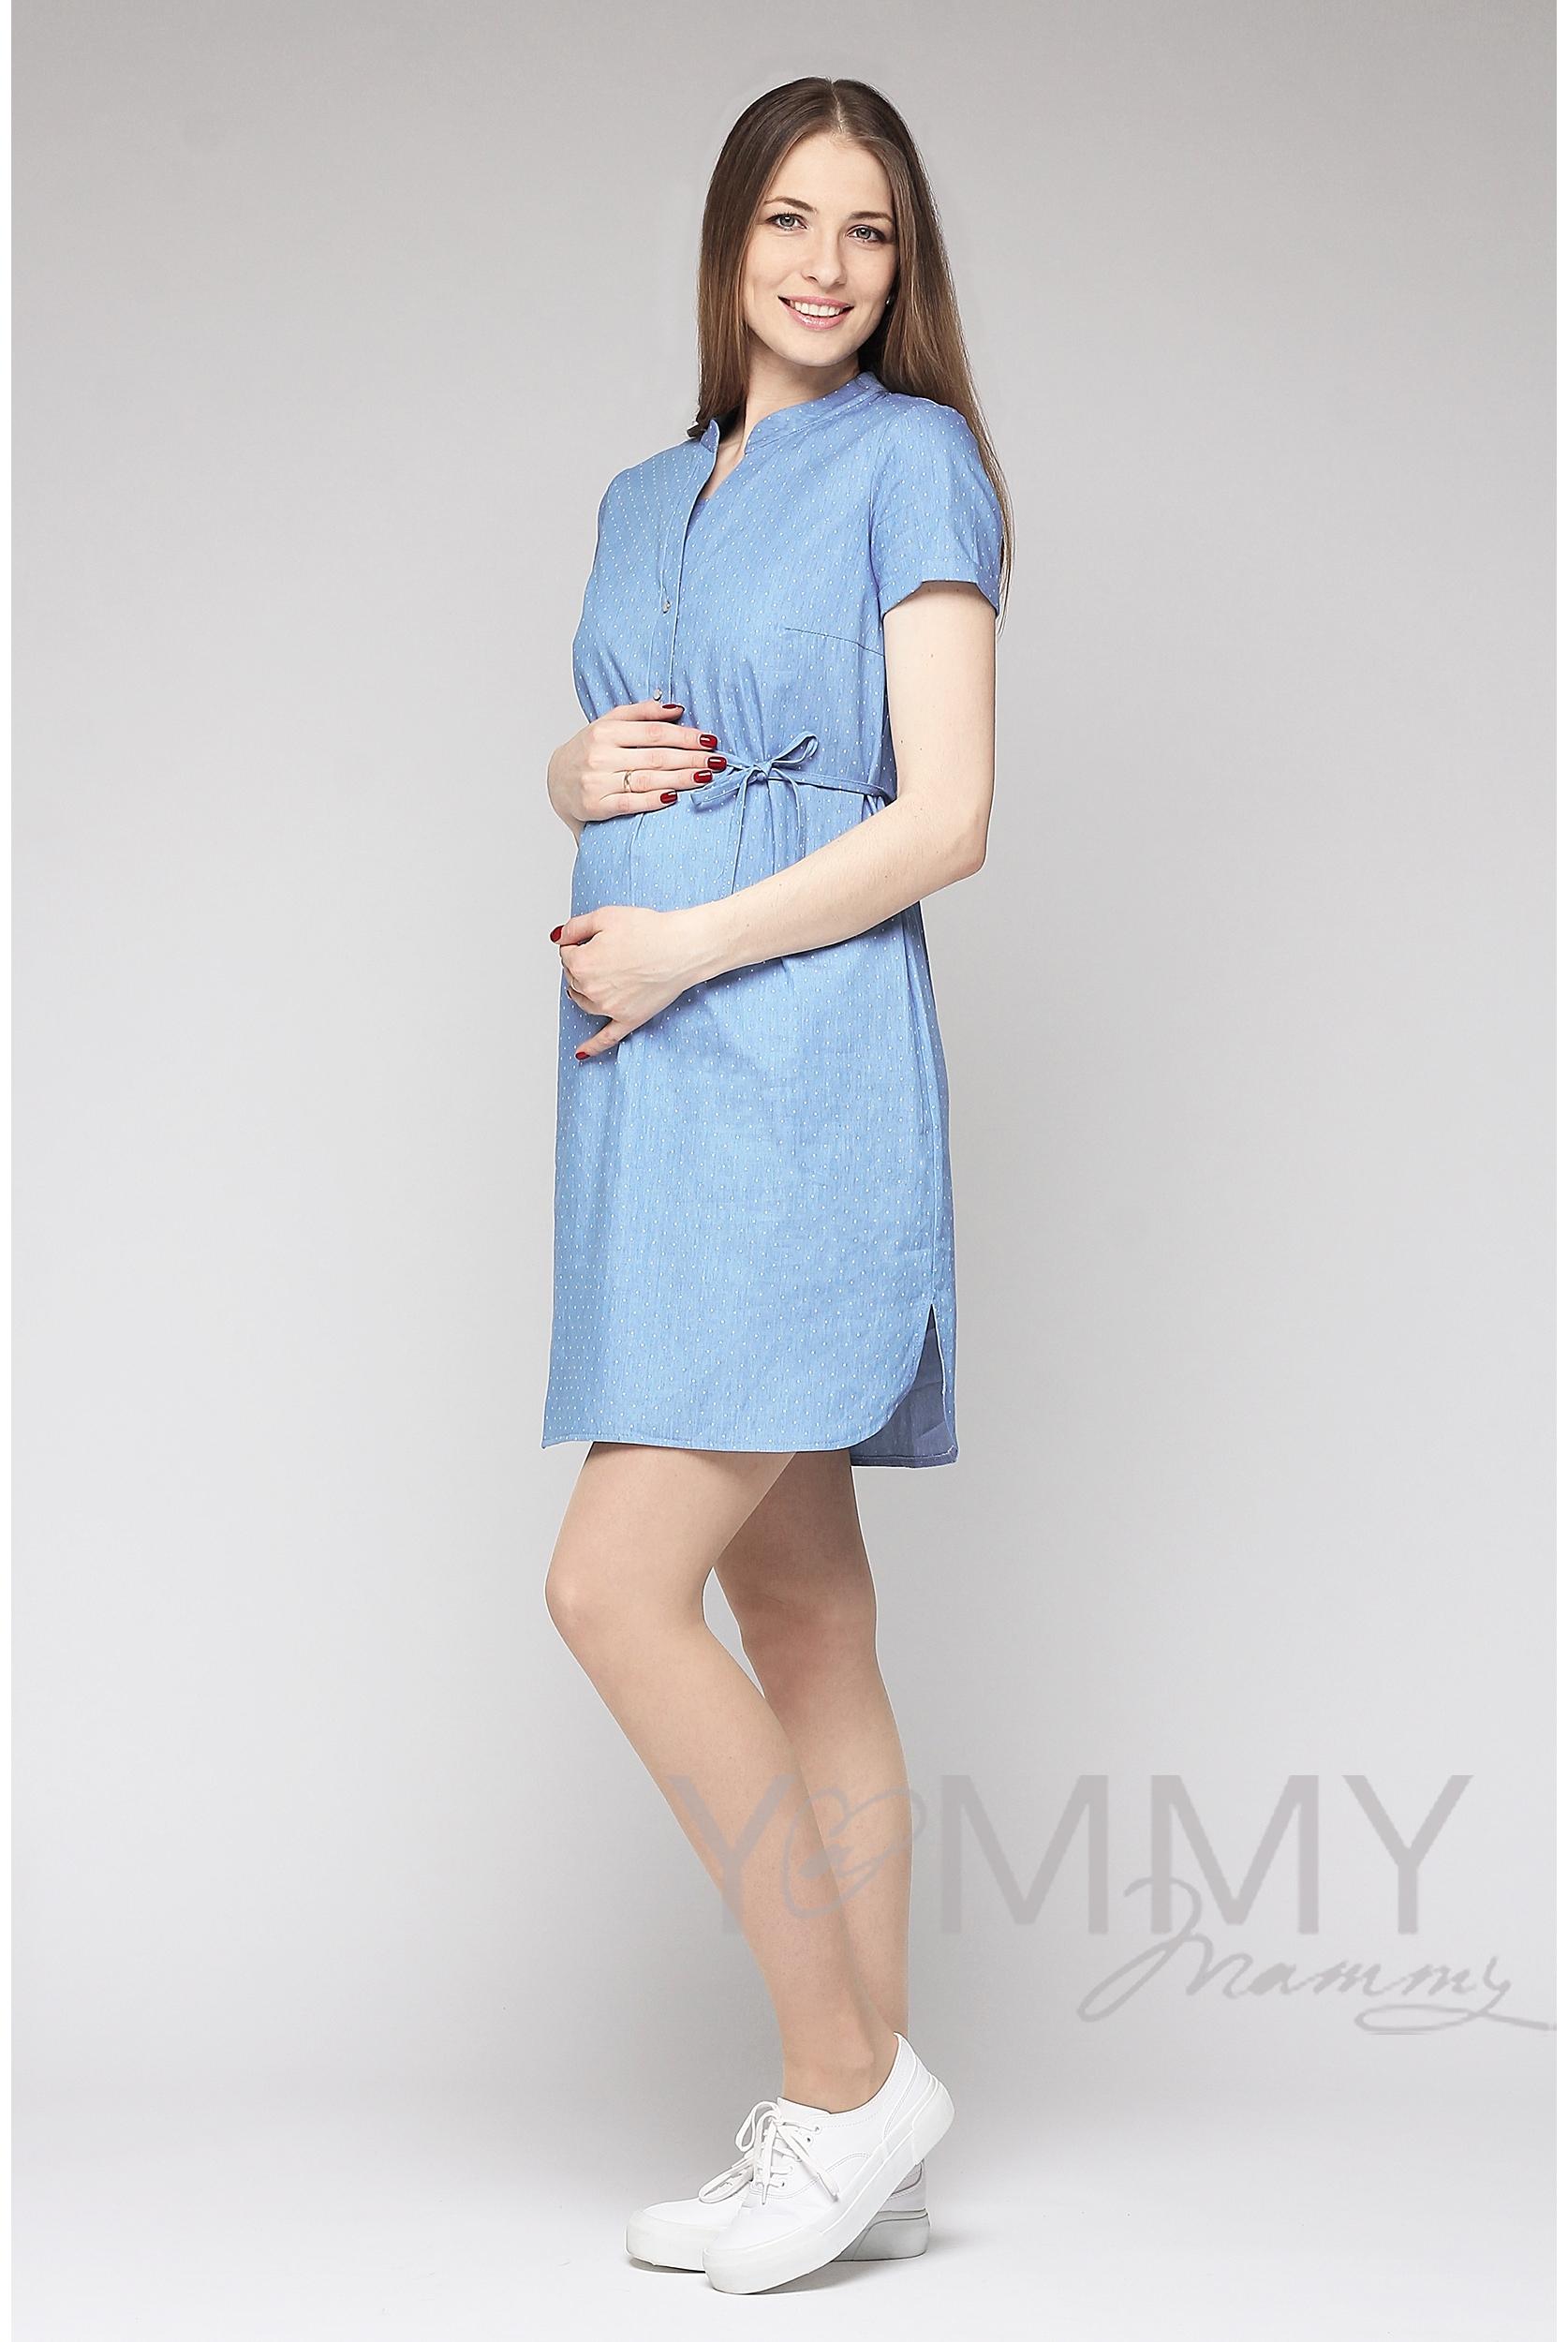 69a679d86eb8 Платье-рубашка для беременных и кормящих, джинсовое в белый горошек ...